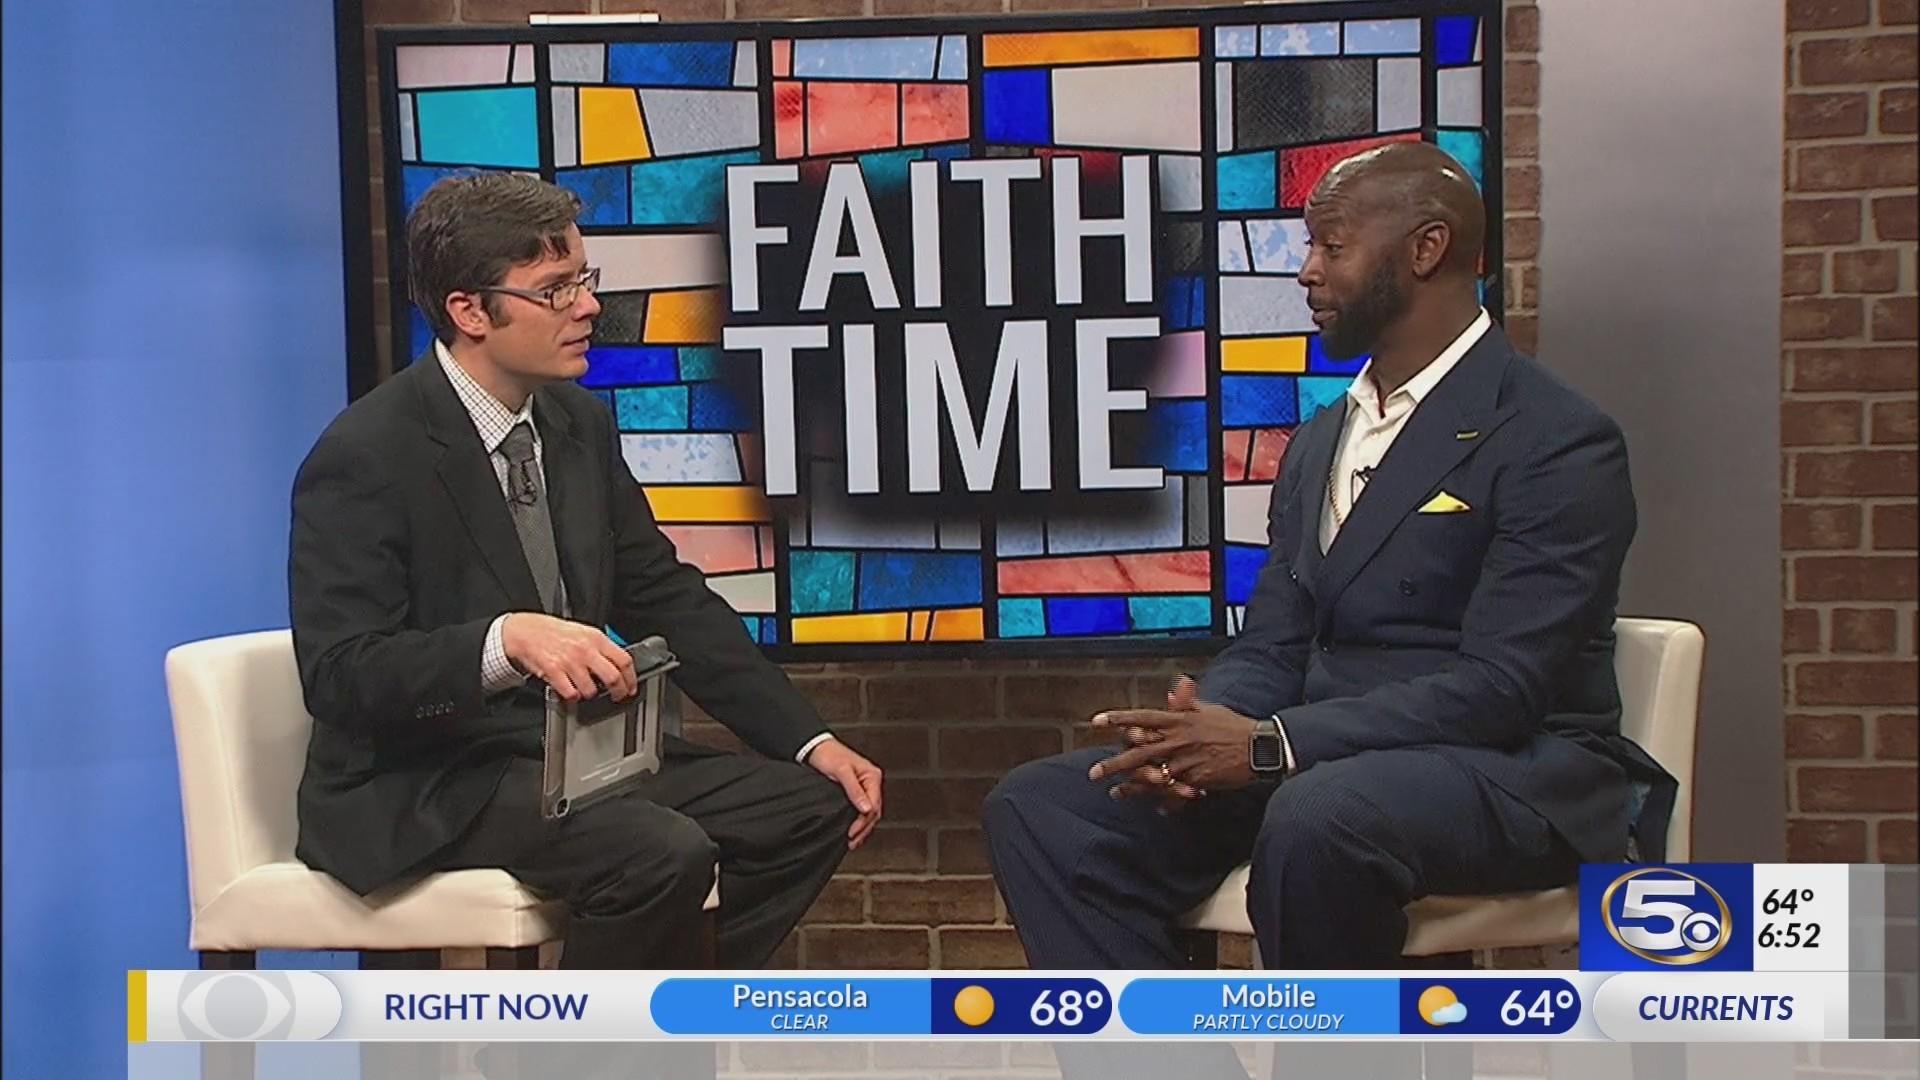 Faith Time:  Getting an education